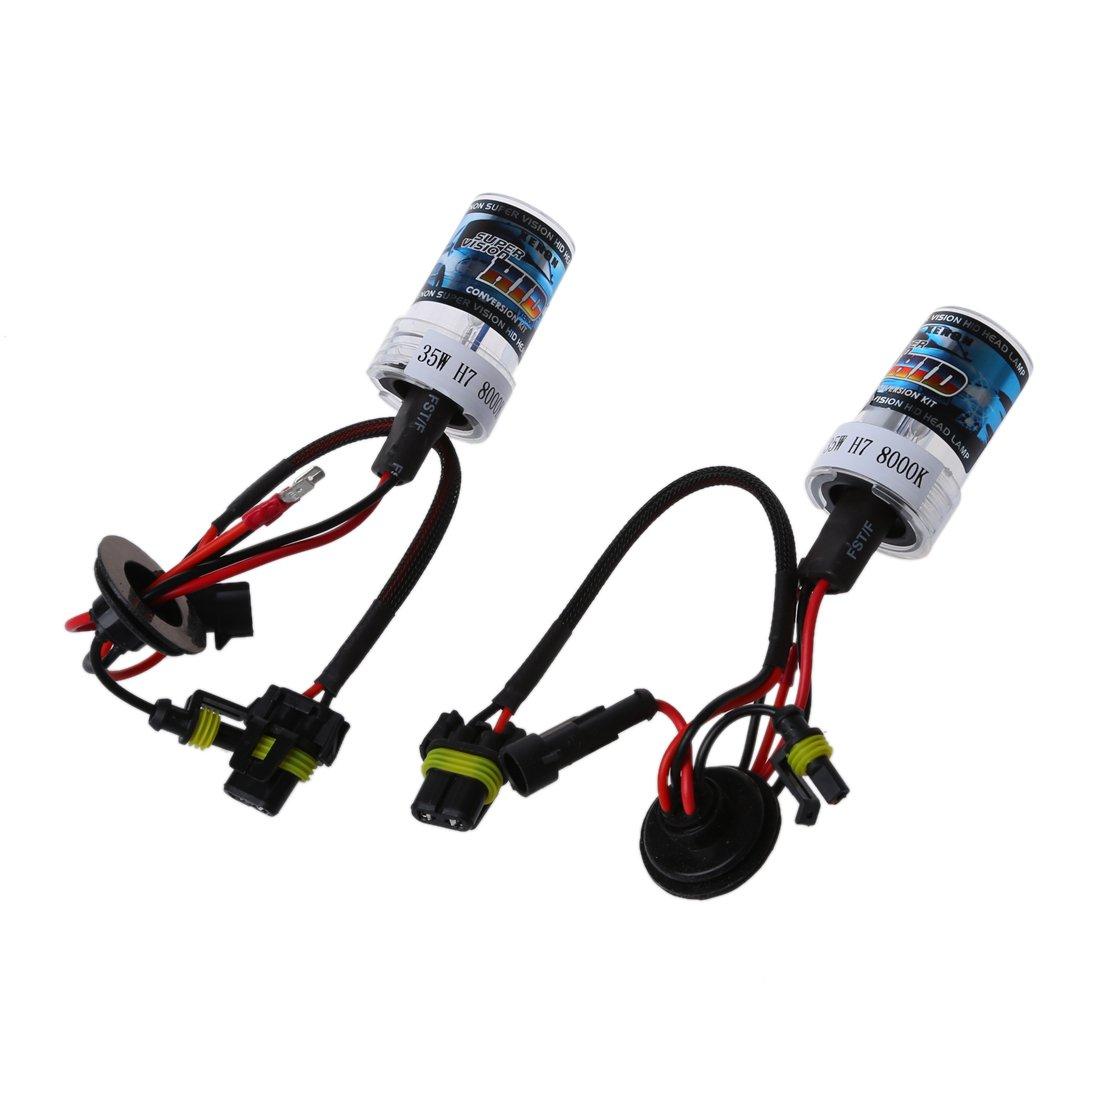 Sonline 2X Xenon HID Phare Lampe Car Kit Auto Bulb Pour H7 35W DC 12V H7-8000K